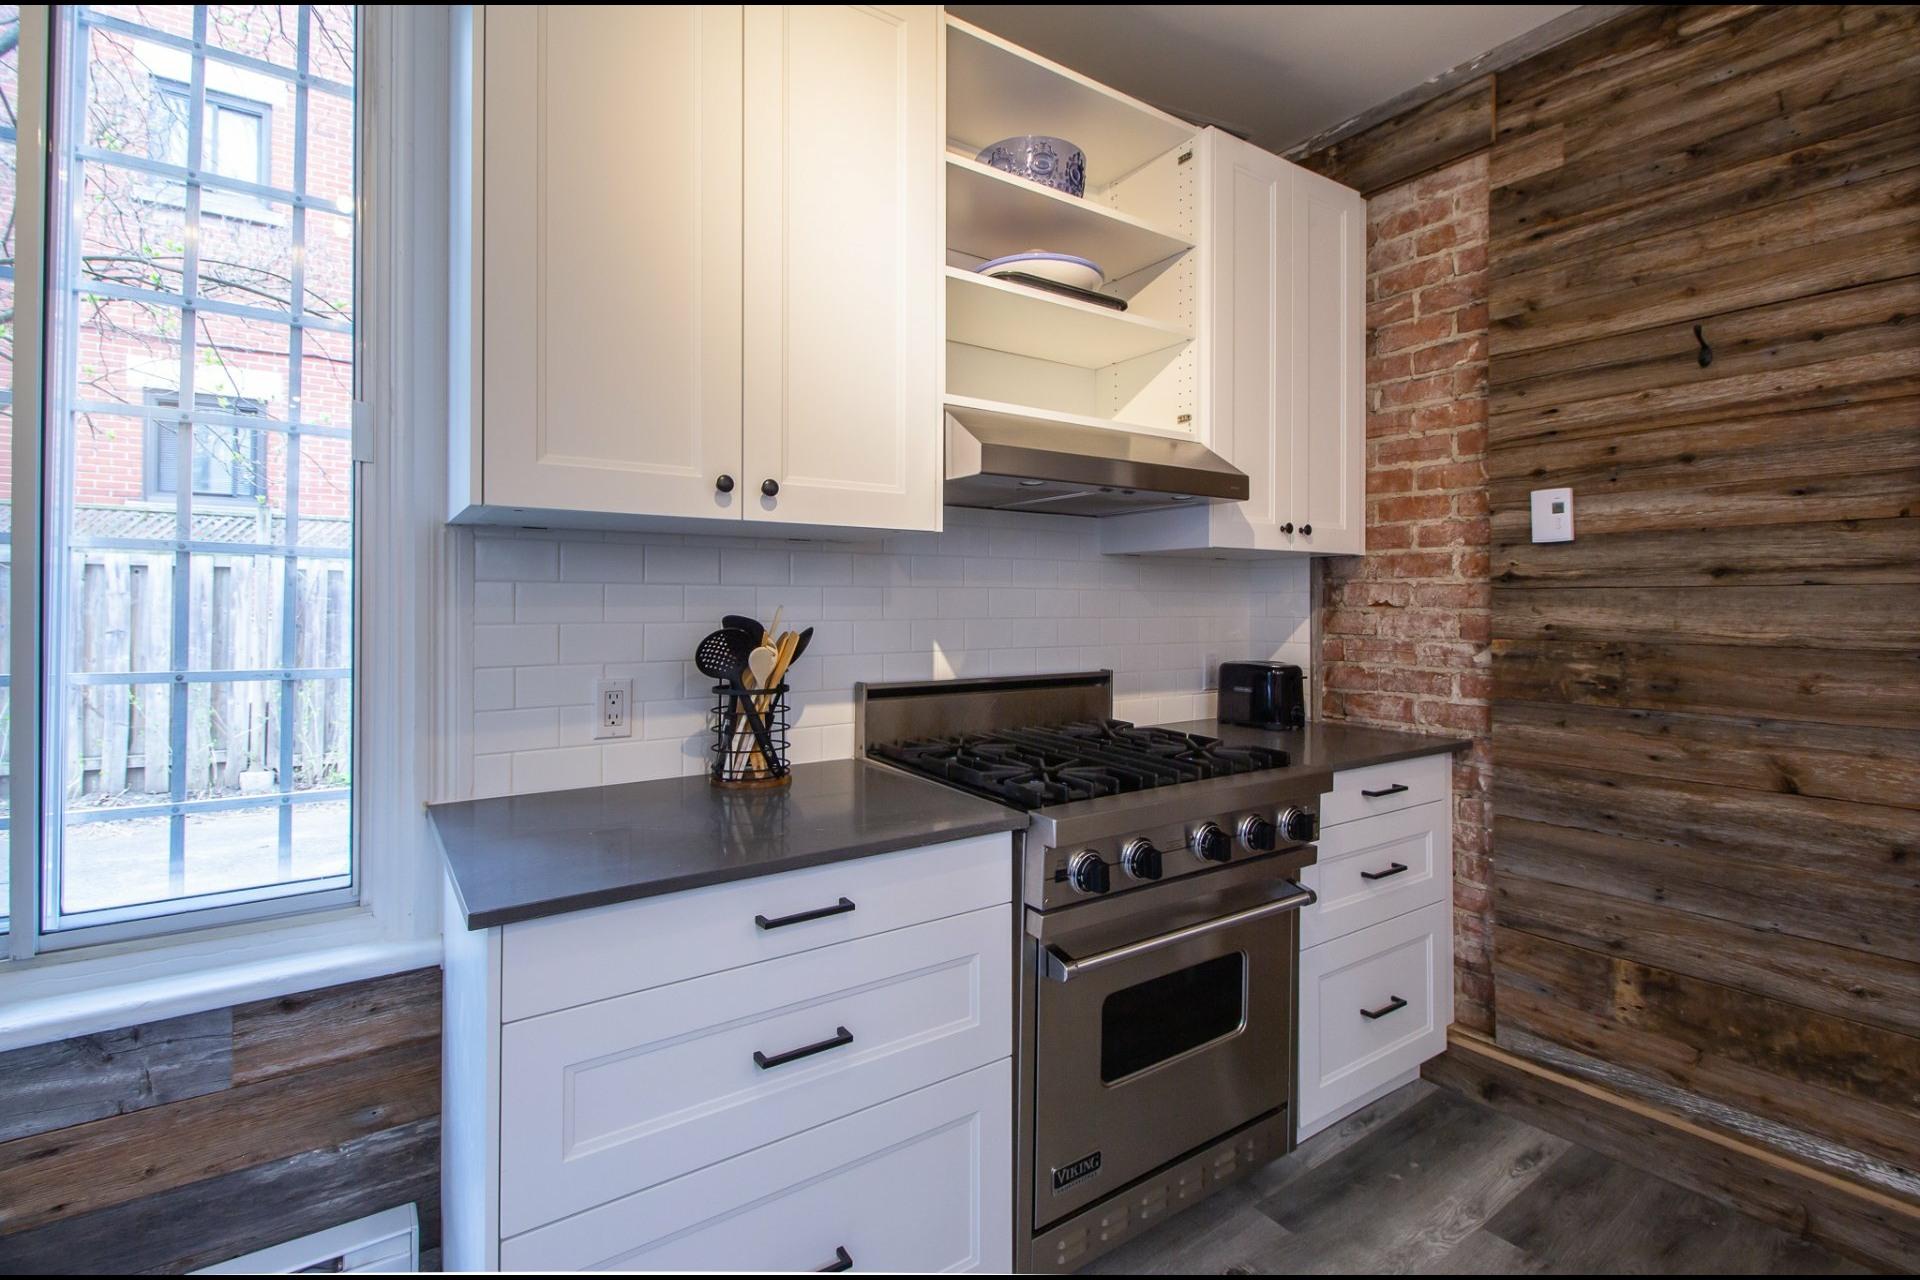 image 6 - House For rent Côte-des-Neiges/Notre-Dame-de-Grâce Montréal  - 8 rooms